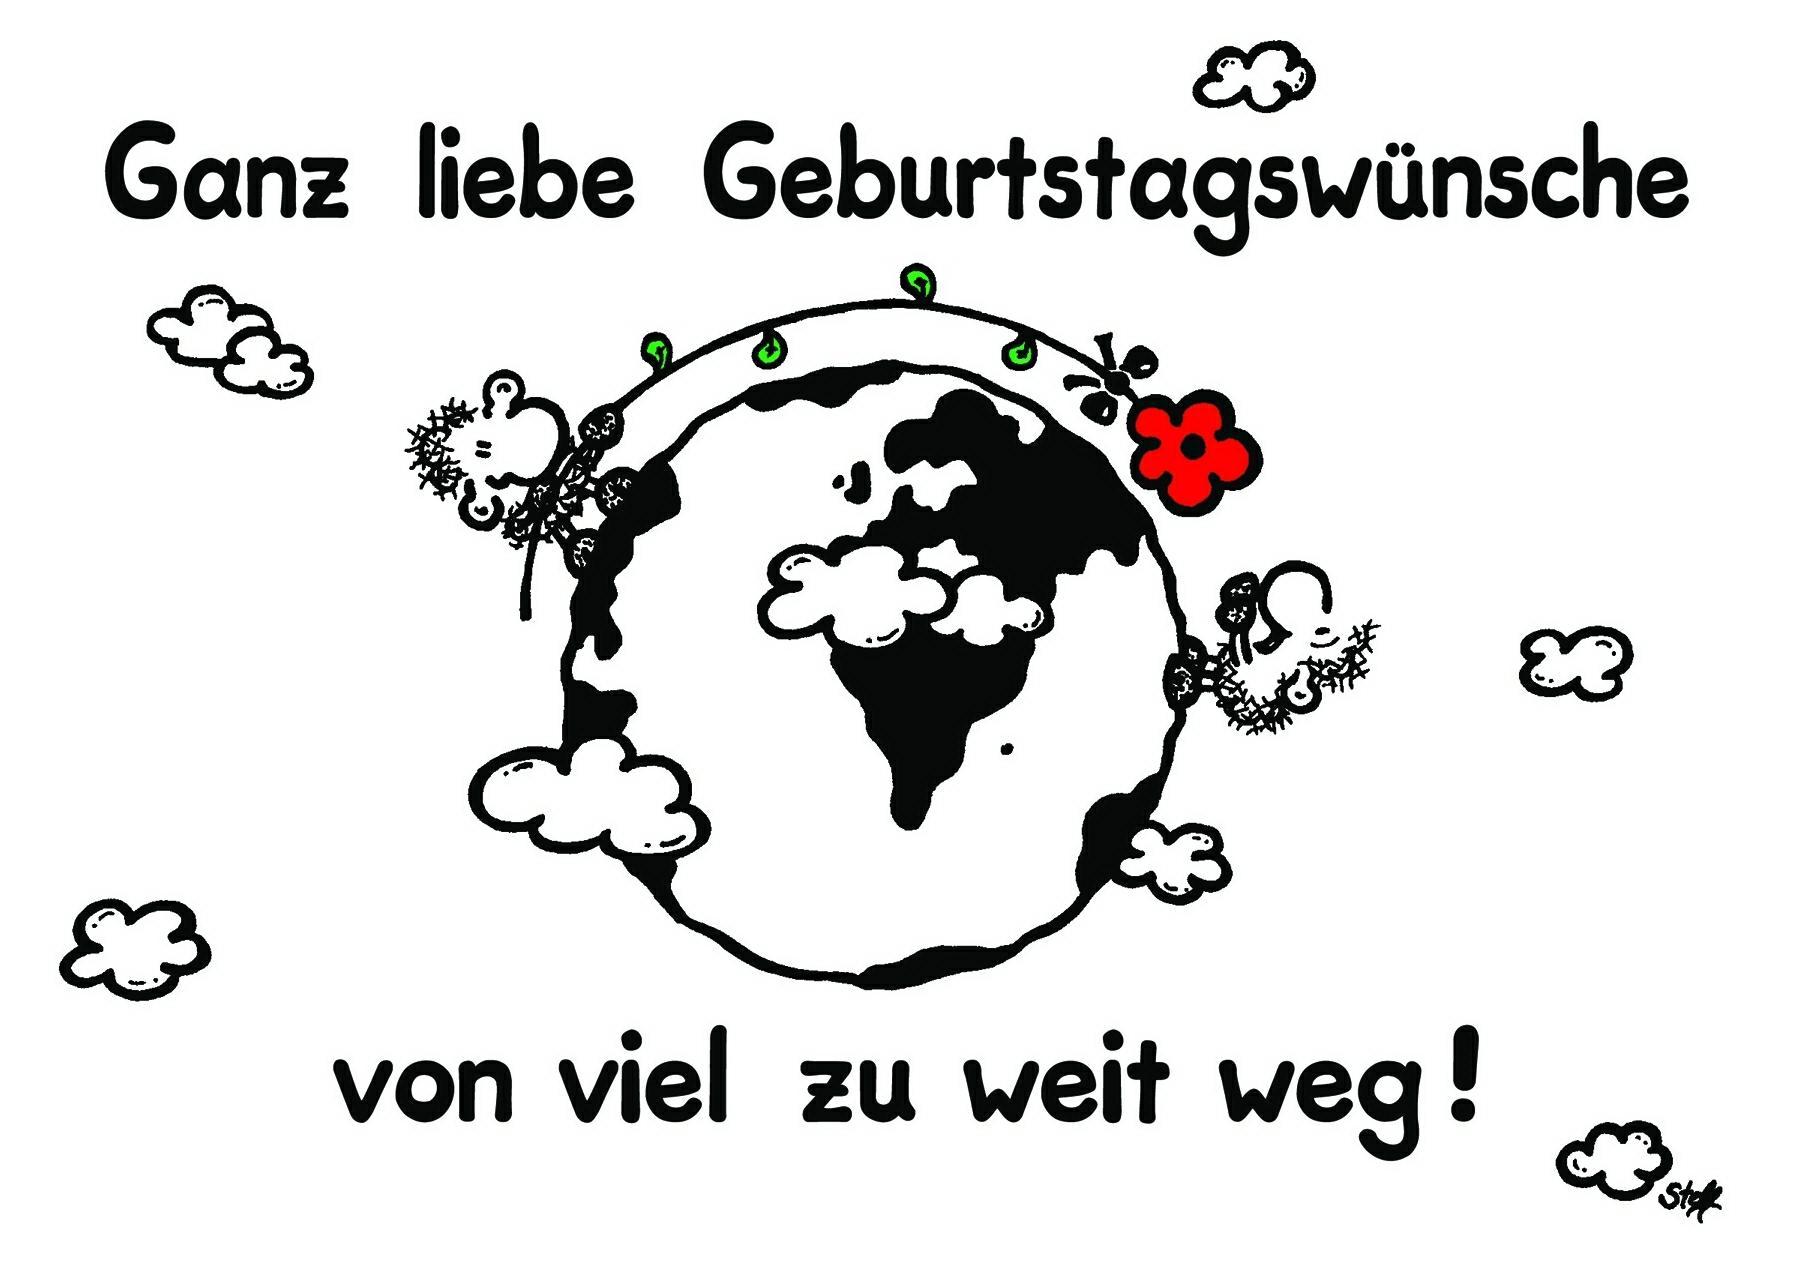 Поздравления с днём рождения в германии 88